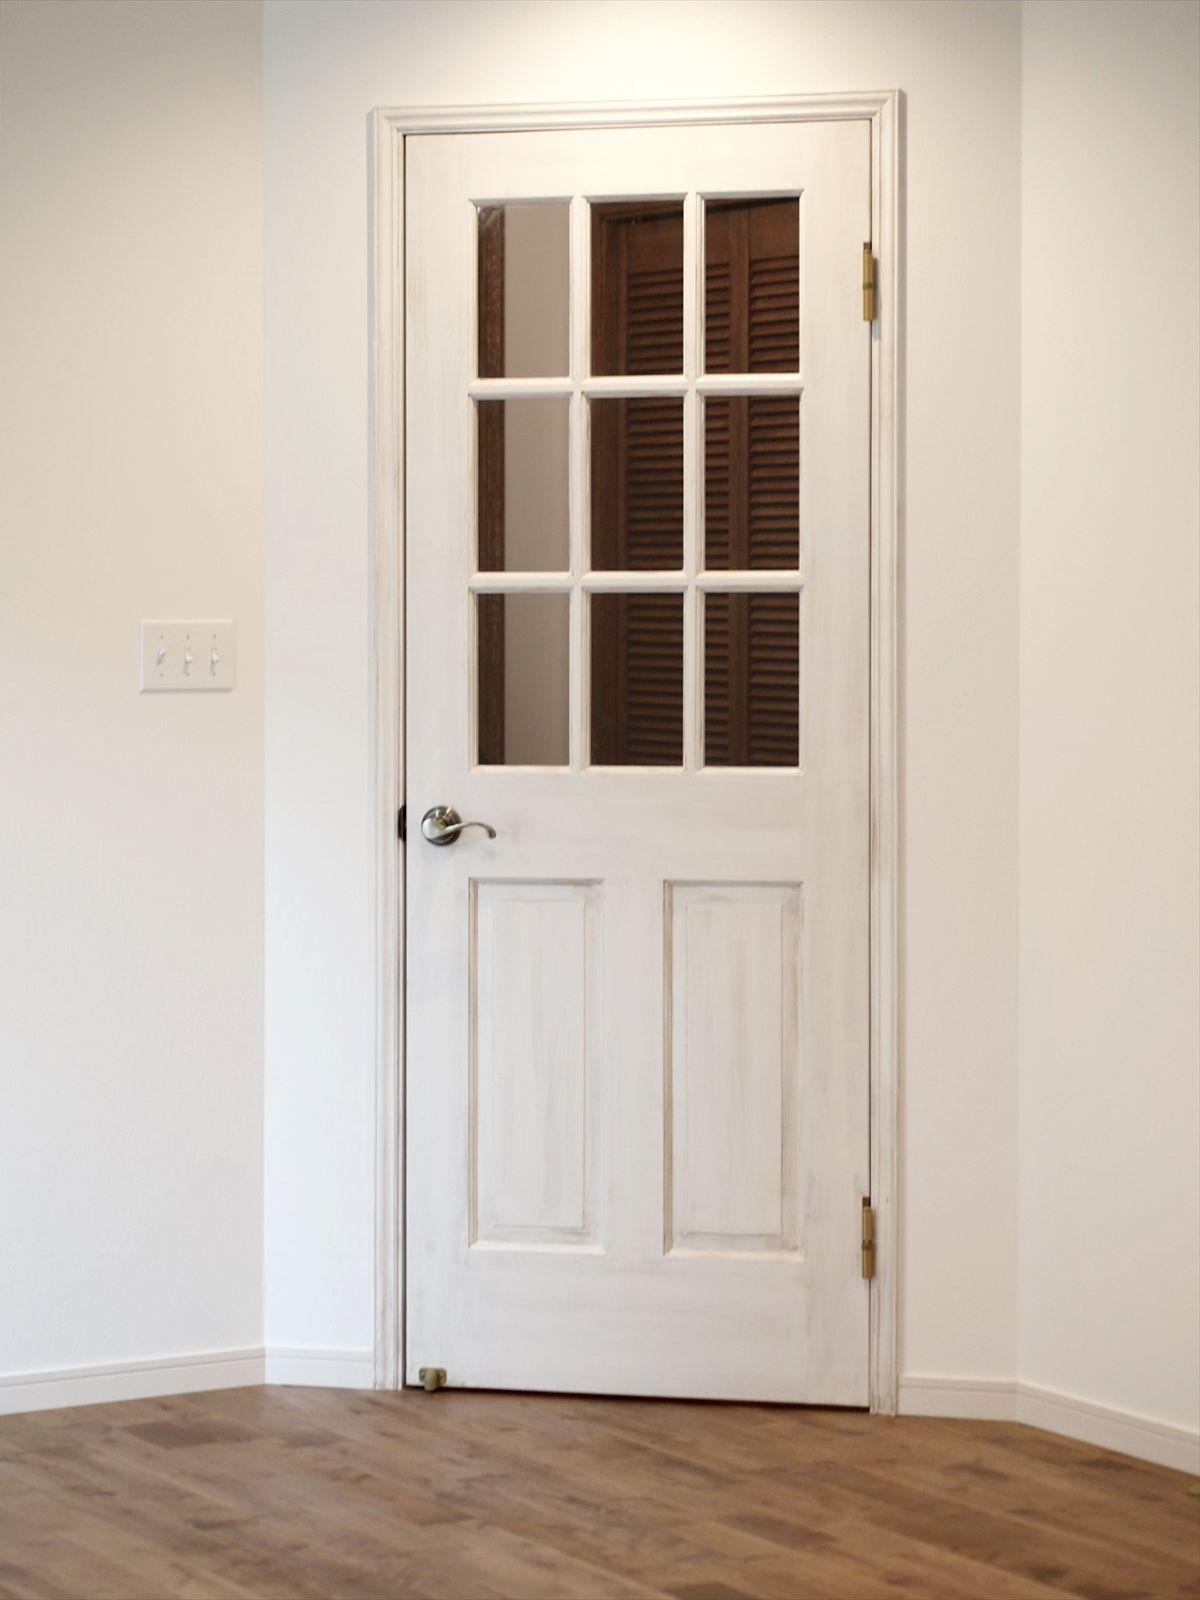 マンション 玄関ドア例 団地 Google 検索 玄関 賃貸 玄関